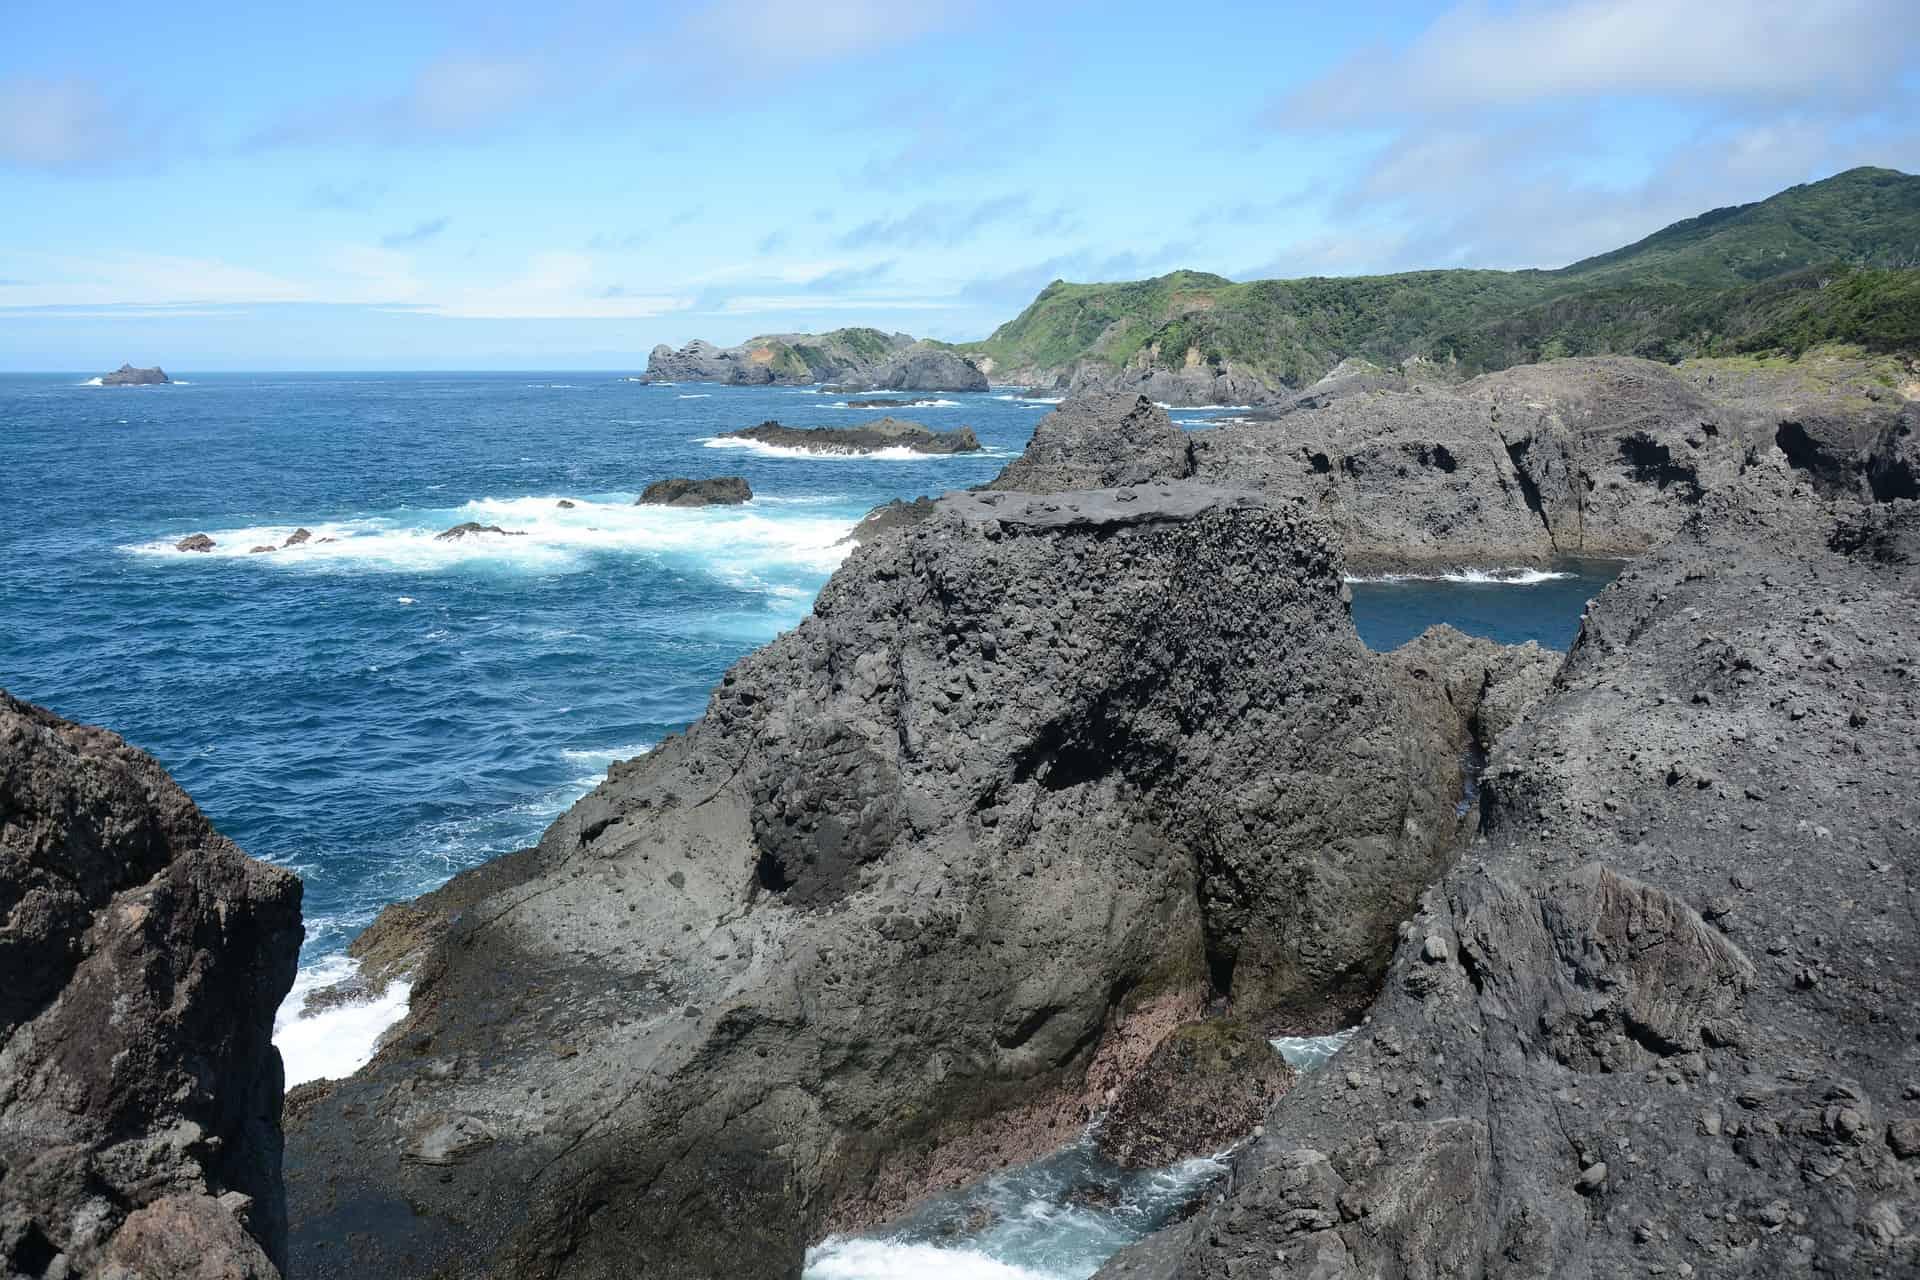 Schitterende kustlijn